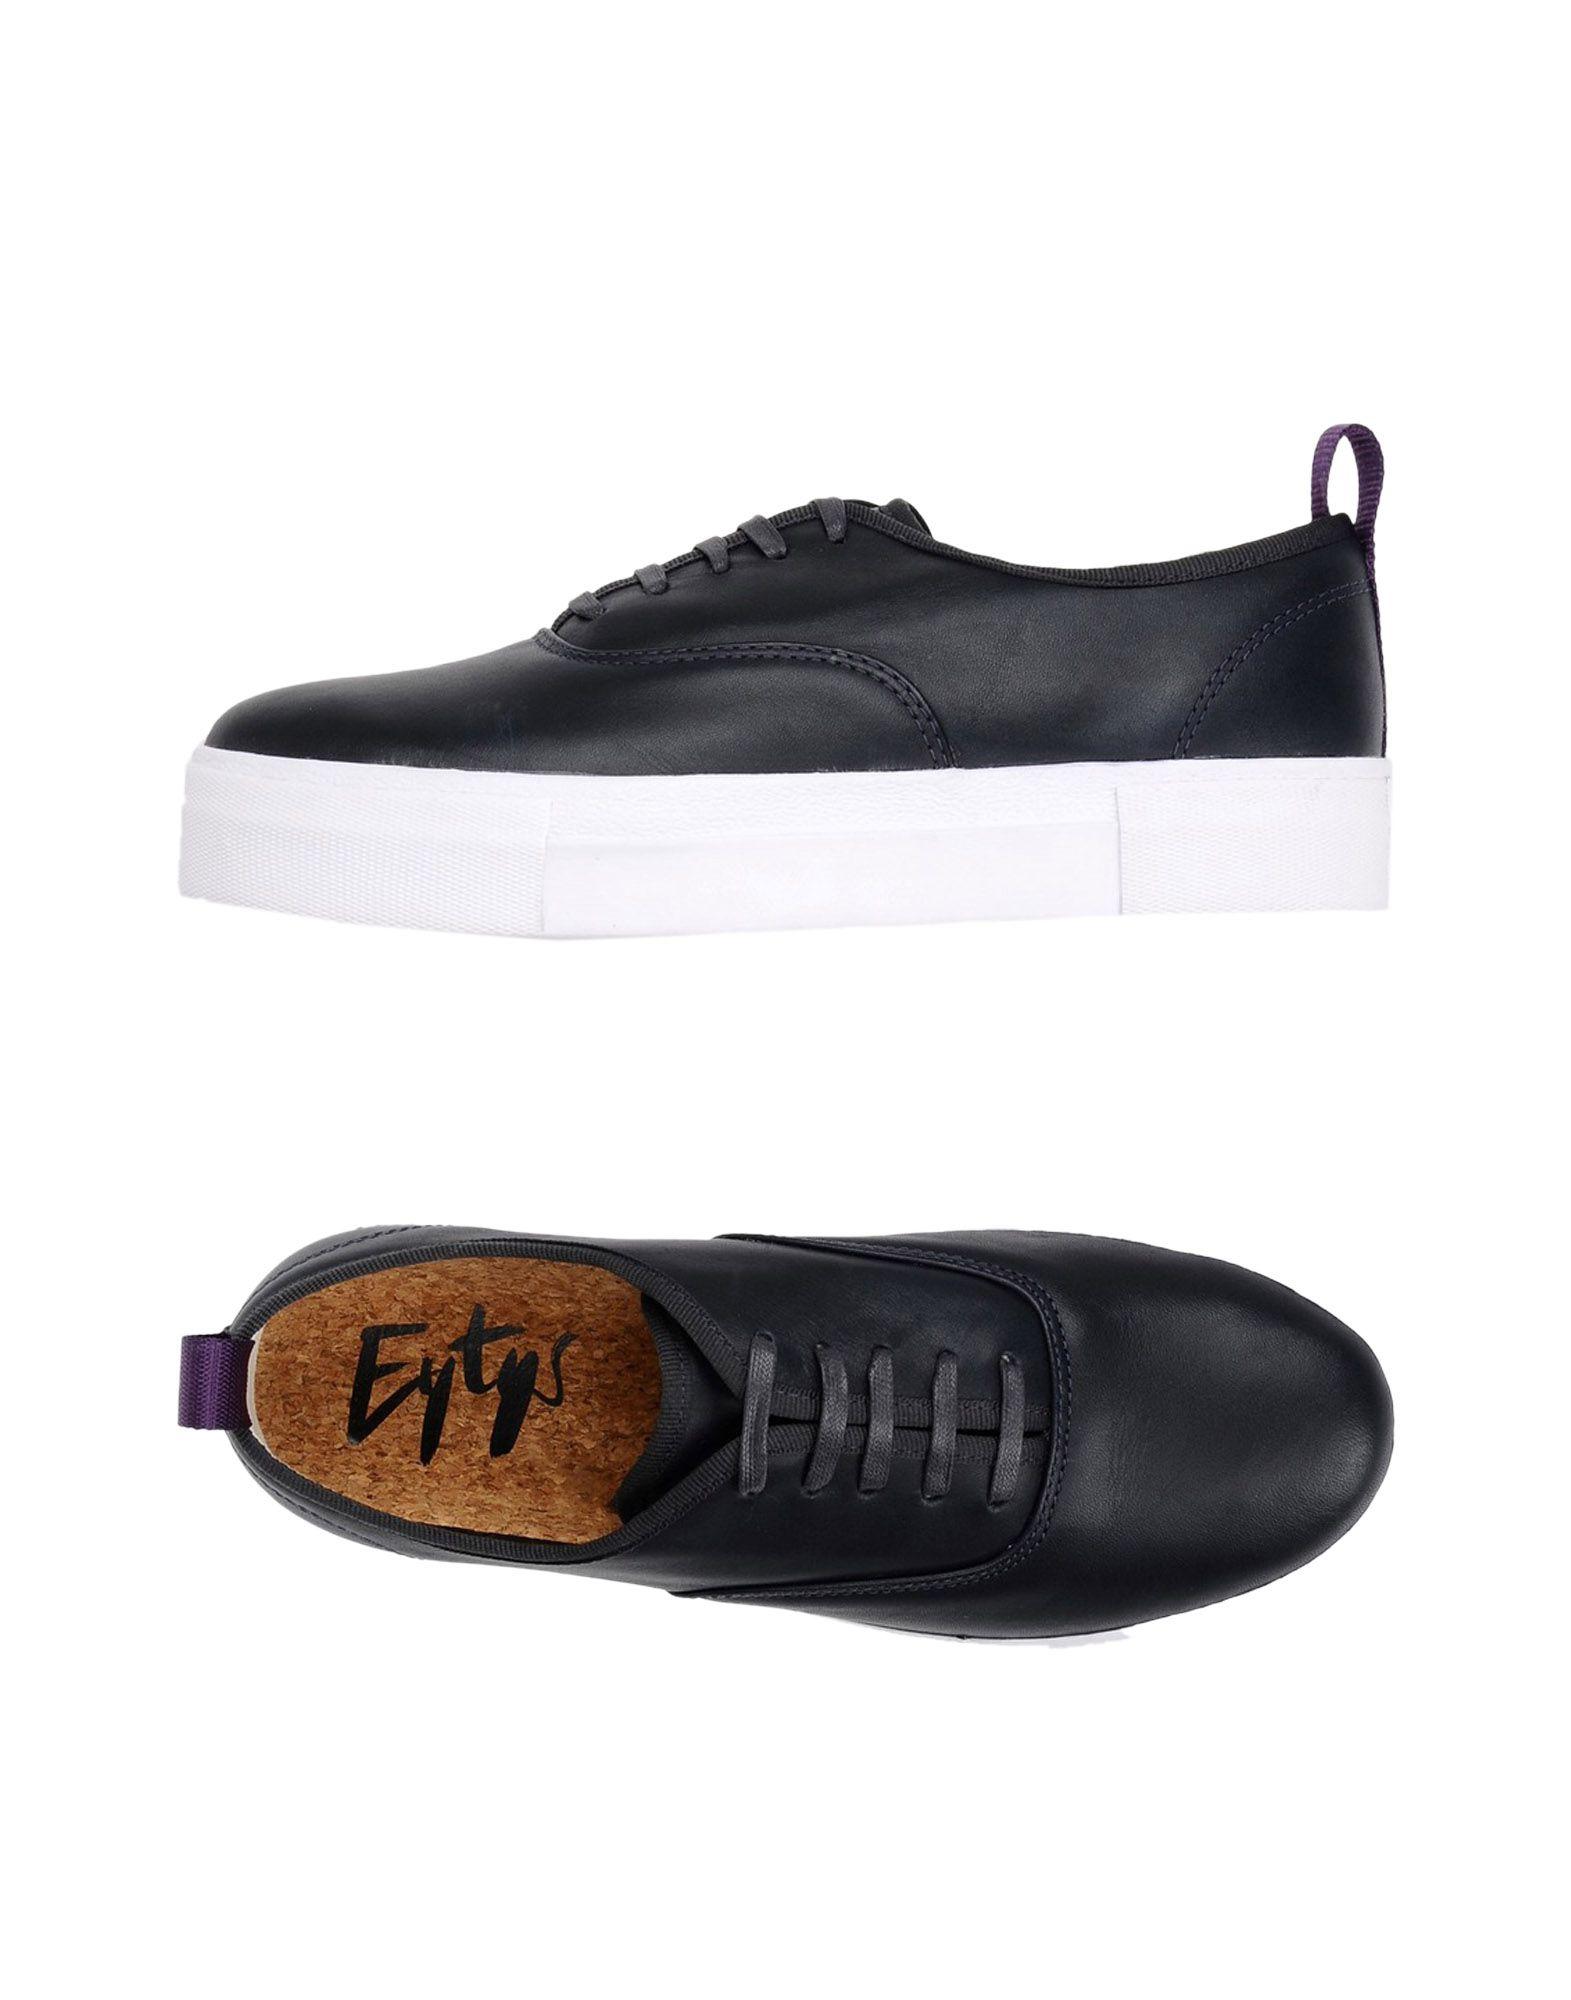 Eytys Eytys  Sneakers Herren  11361236QC Heiße Schuhe 48a5d3